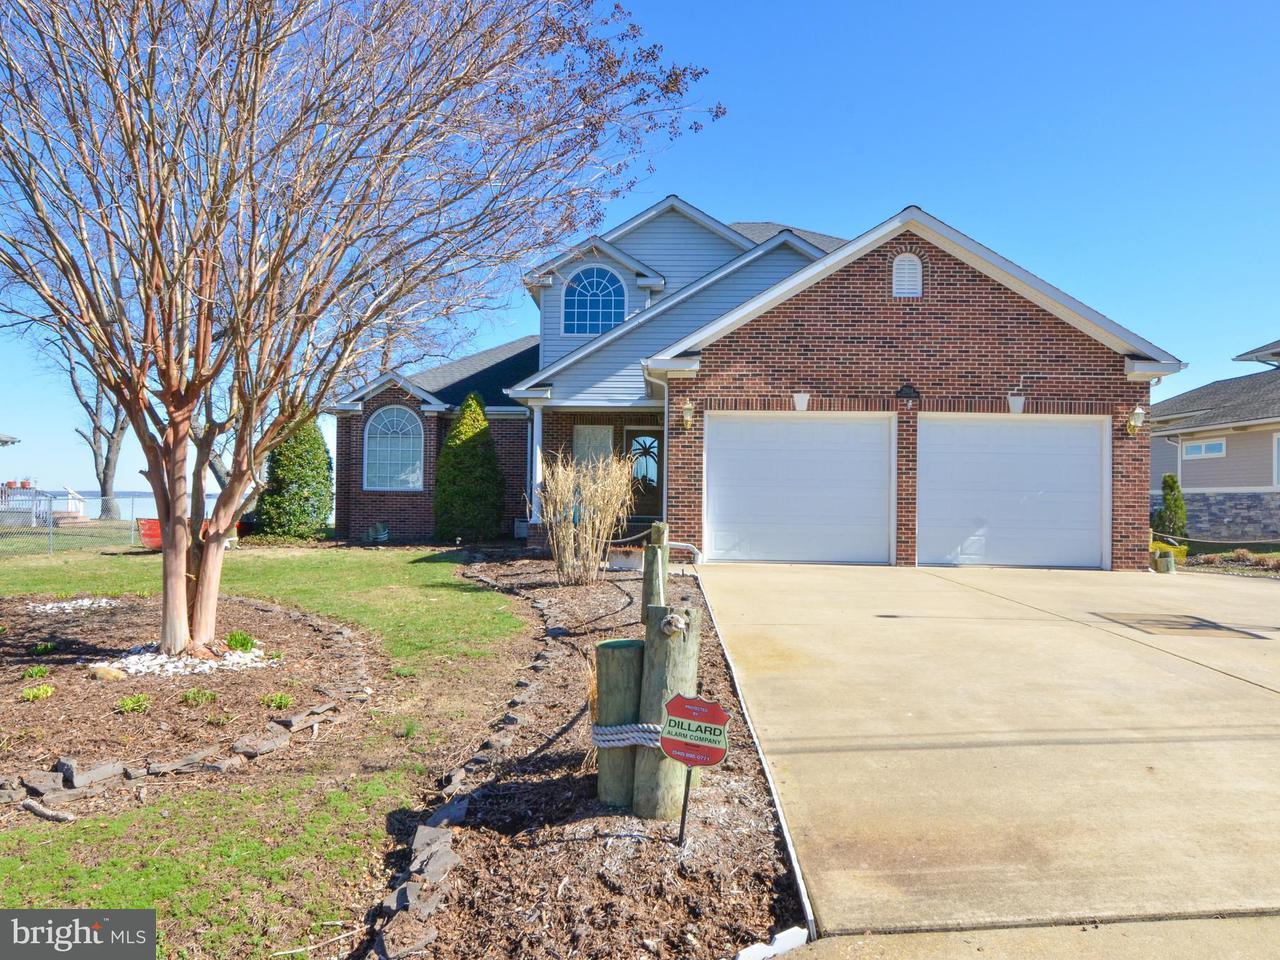 獨棟家庭住宅 為 出售 在 2904 Riverview Drive 2904 Riverview Drive Colonial Beach, 弗吉尼亞州 22443 美國